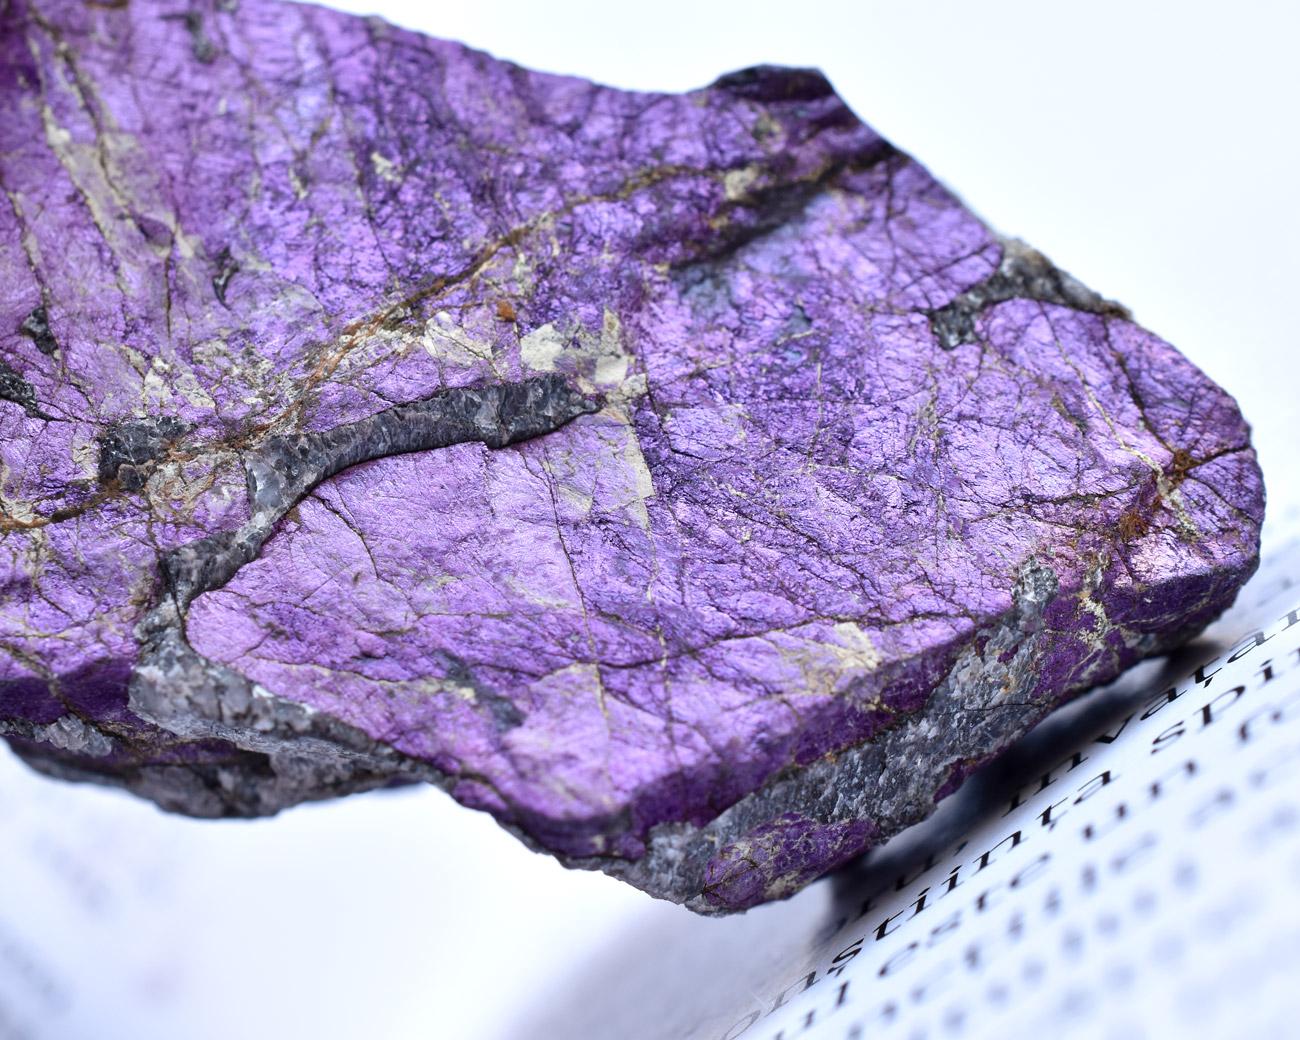 Colecţie cristale de purpurit din Namibia de vânzare